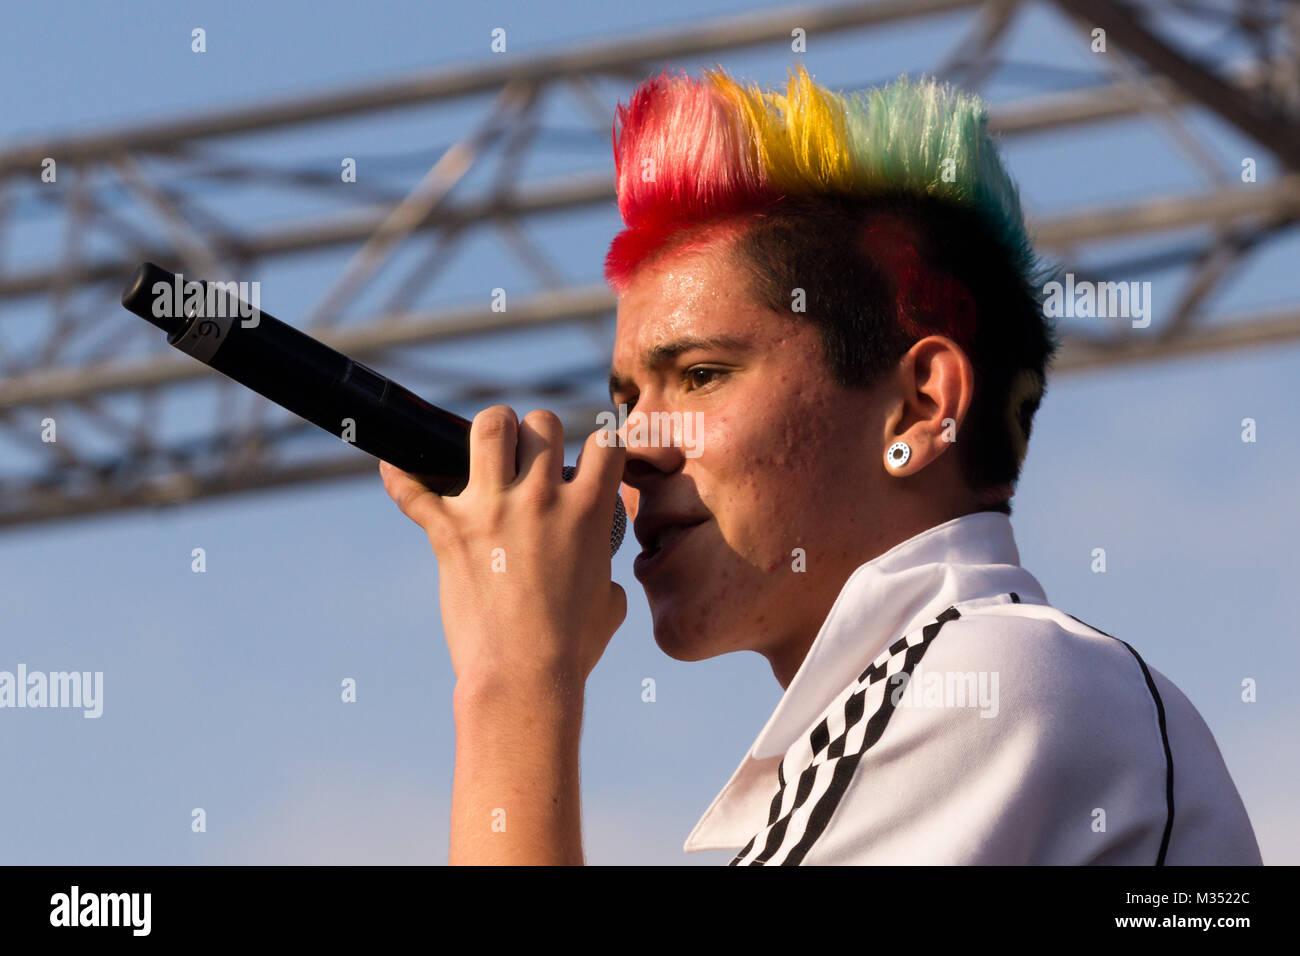 Daniele Negroni mit gefärbten Haaren (belegte Platz 2. bei der neunten Deutschland sucht den Superstar Staffel ) auf der Bühne der Fanmeile zur Europameisterschaft 2012 Deutschland gegen Italien am Brandenburger Tor en Berlín. Foto de stock